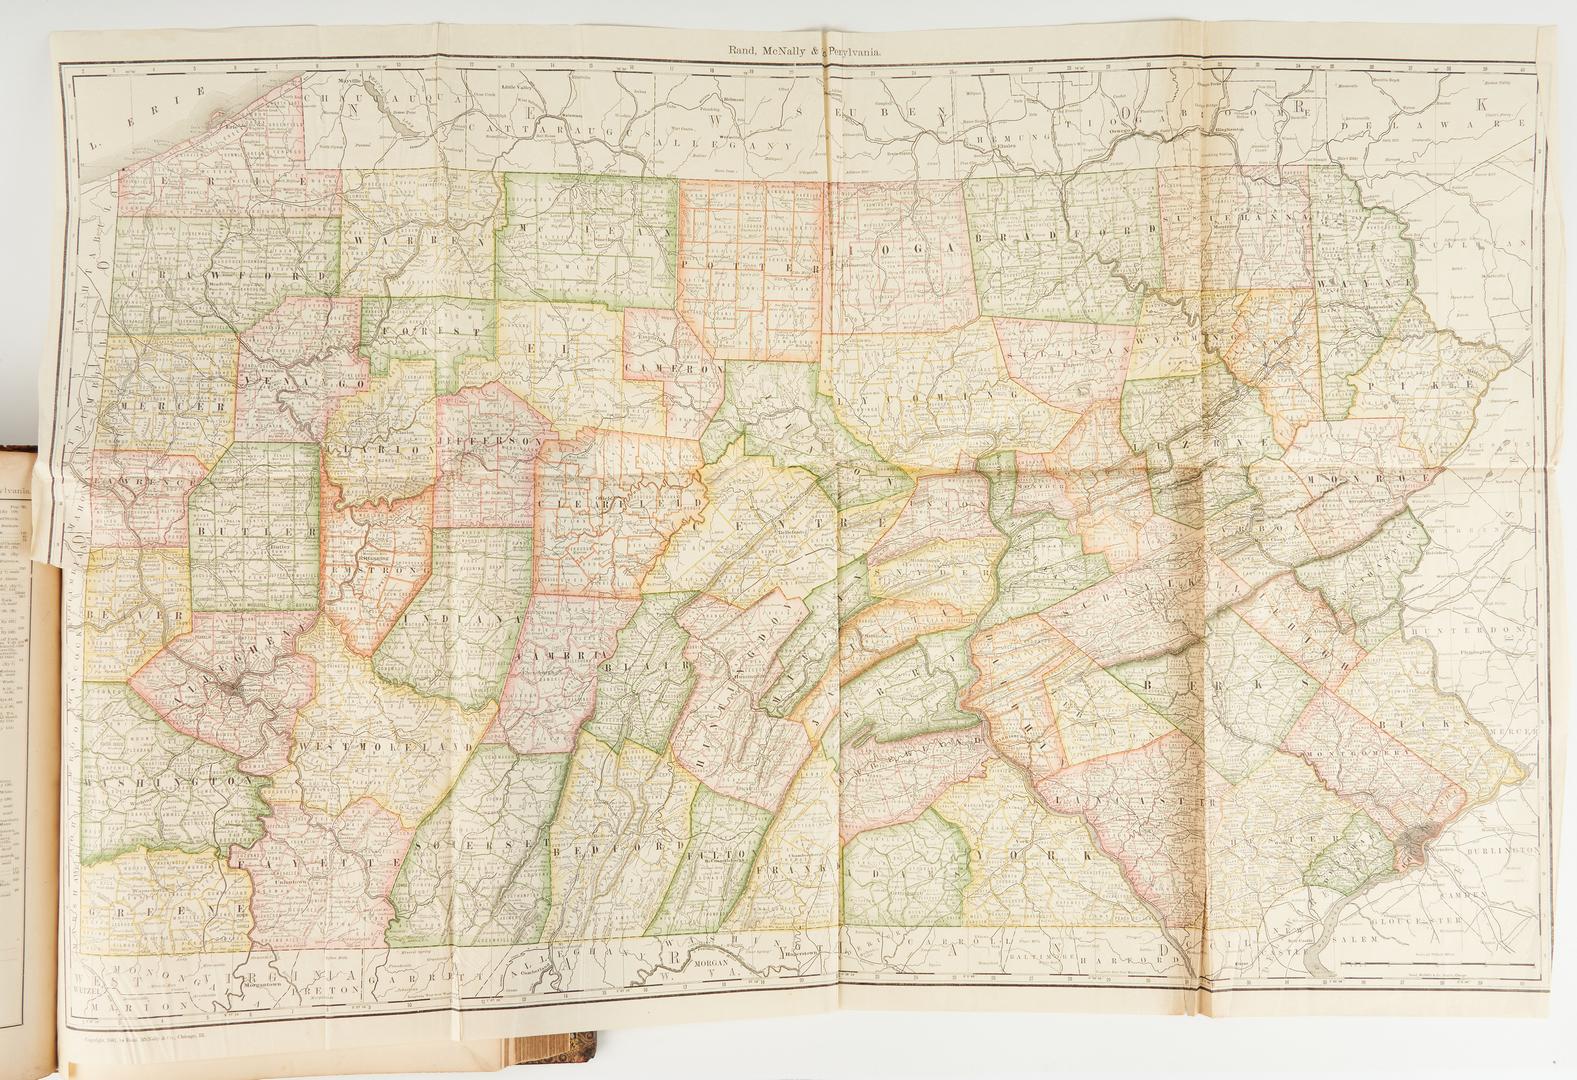 Lot 1041: Rand, McNally, & Co. World Atlas, 1881